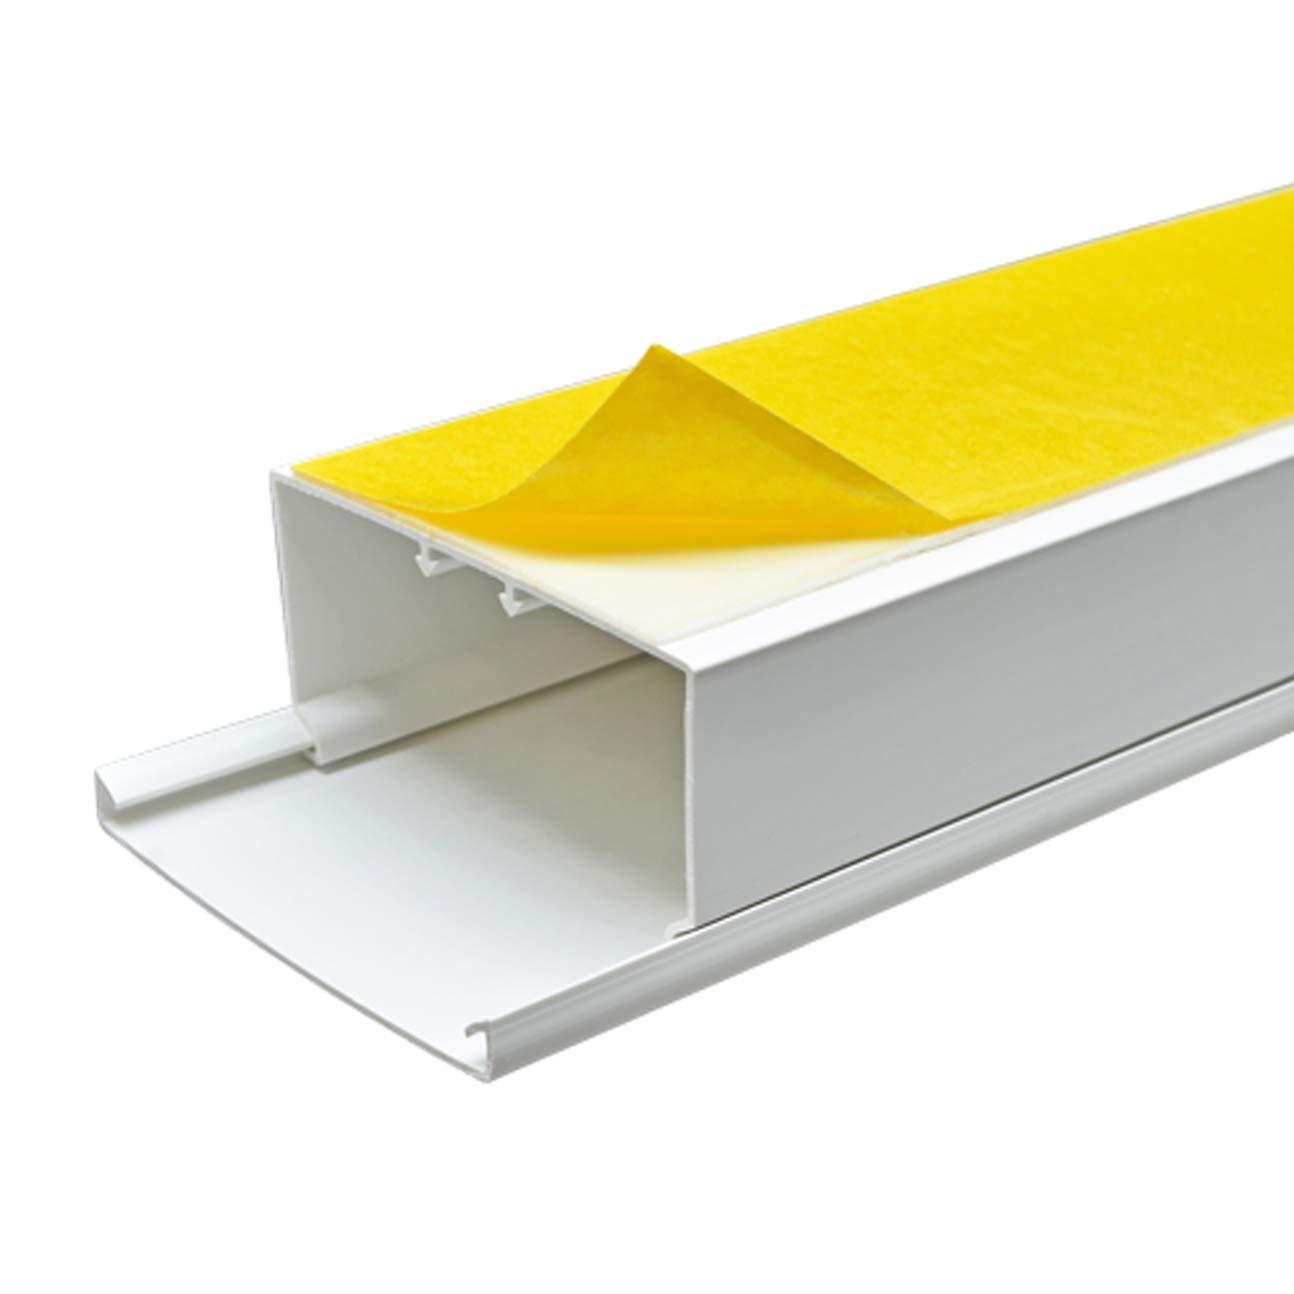 StilBest® 50m Kabelkanal [L x B x H H H 200x6,0x6,0 cm, PVC, Selbstklebend, weiß] Kabeldurchführungssystem   Kabelleiste   Kabelschlauch   Kabelrohr B07PPJ47FL | Modern Und Elegant  f3d351